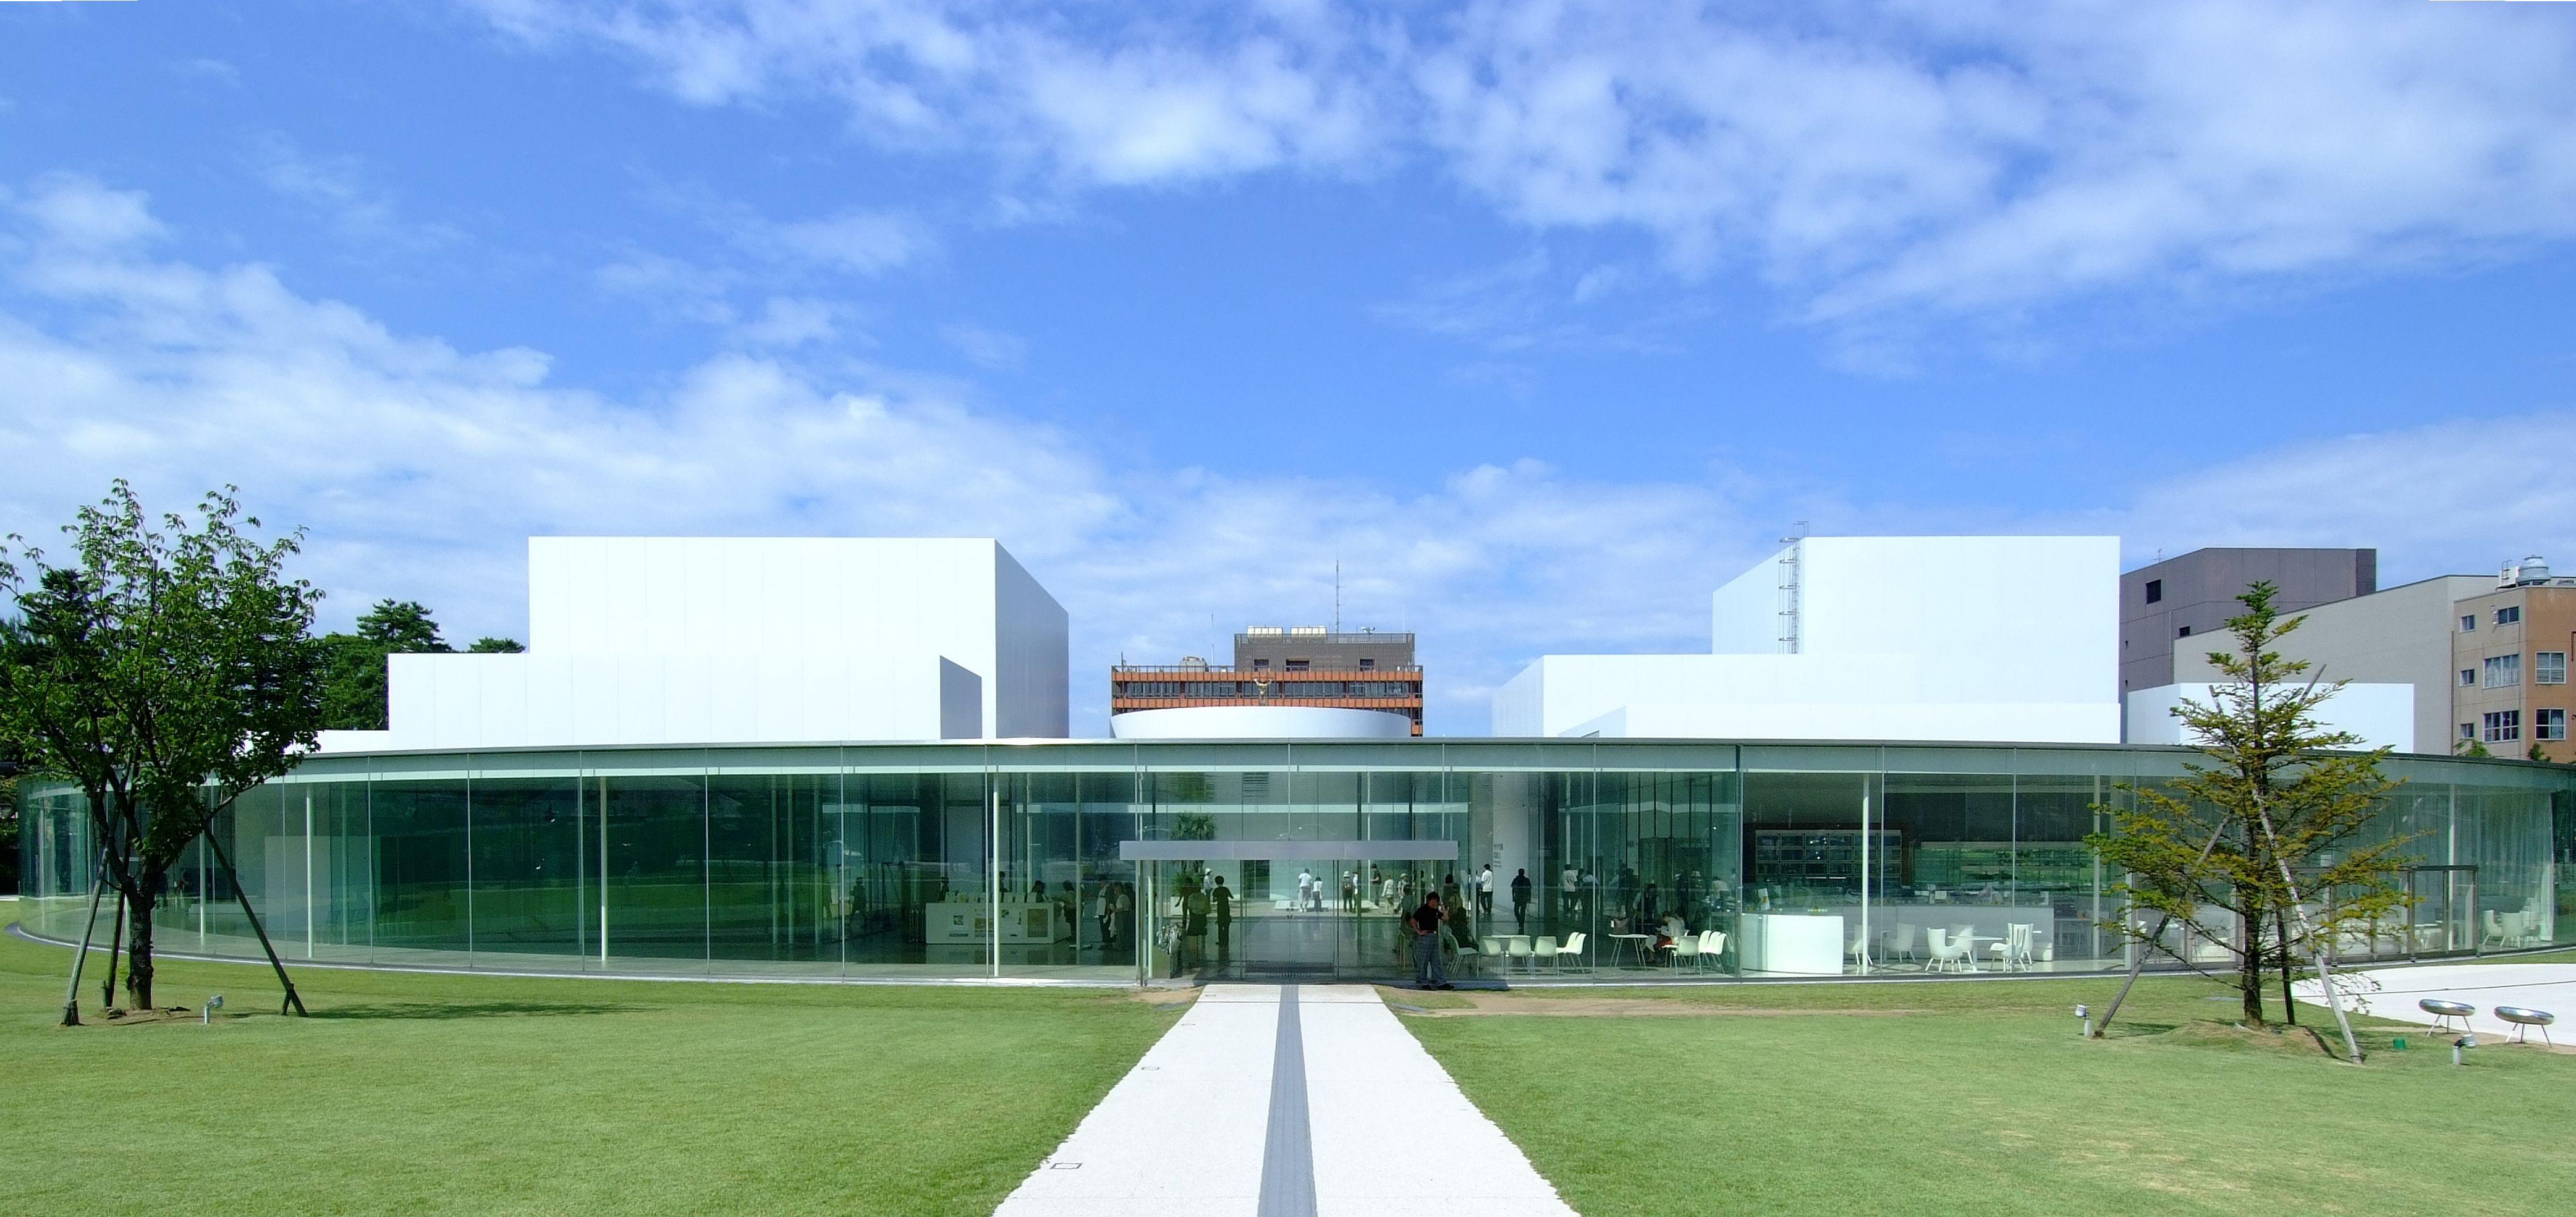 金沢美術館 by 妹島和世